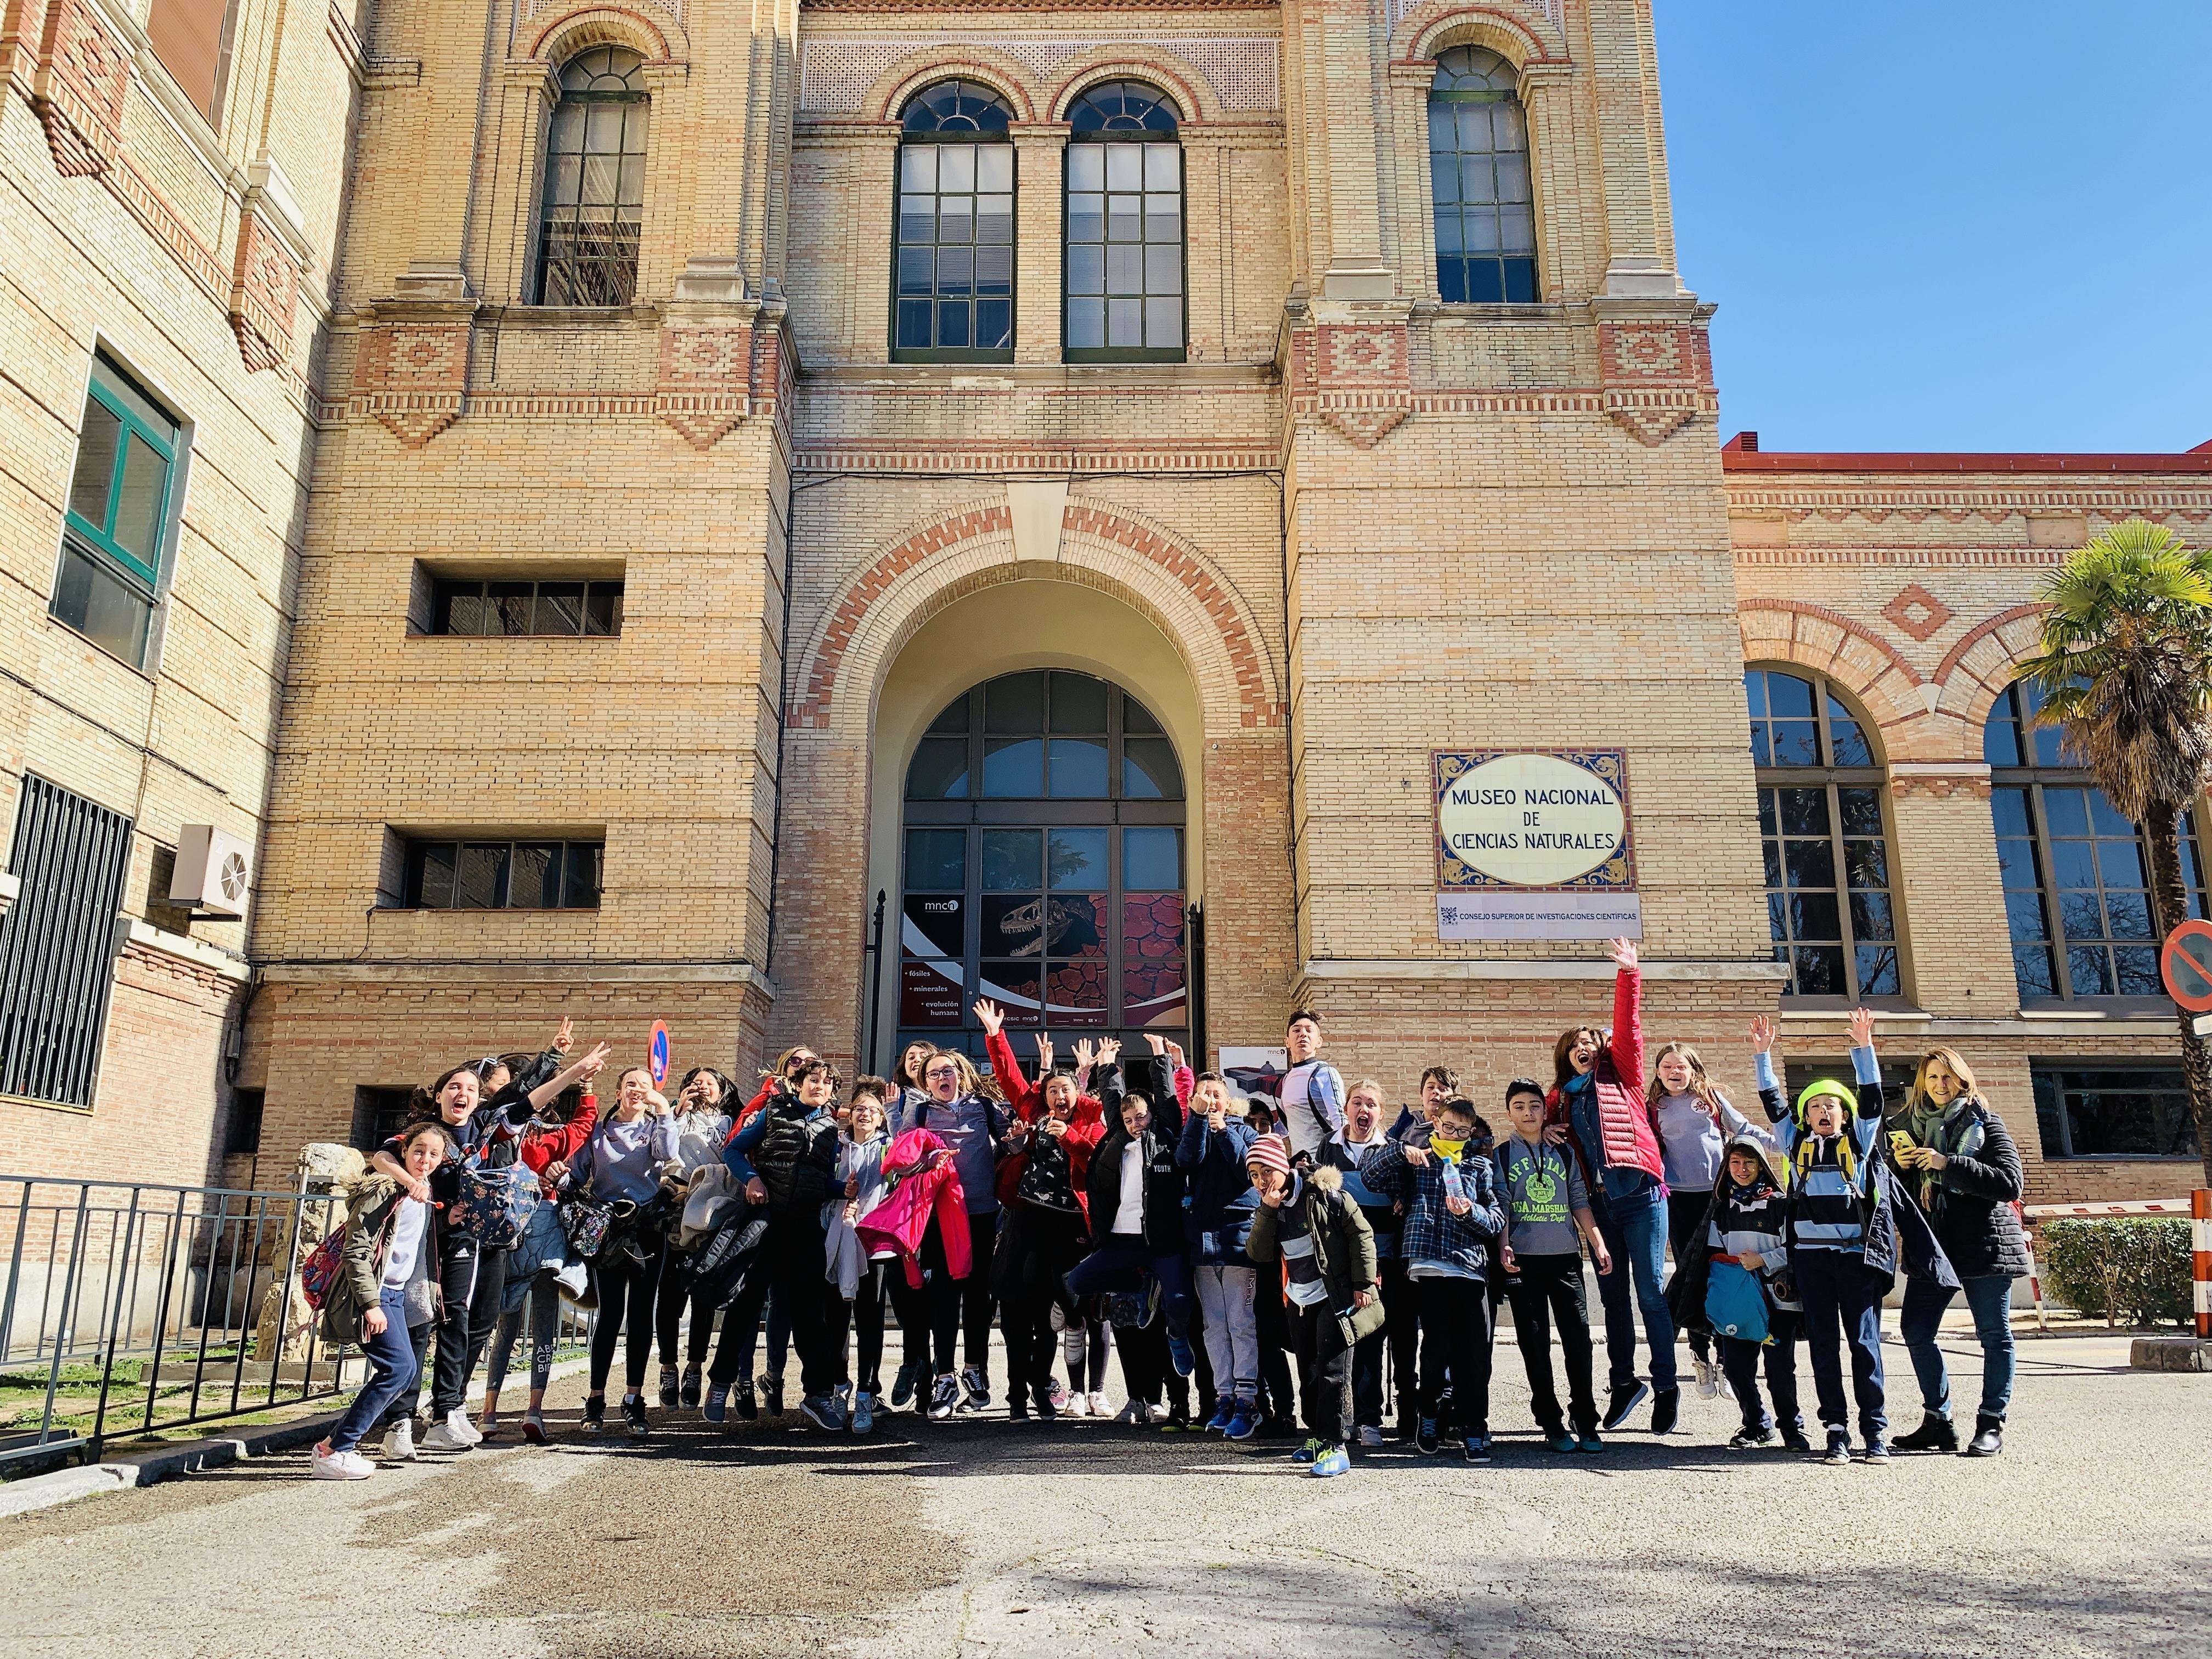 Excursión al Museo Nacional de Ciencias Naturales 5